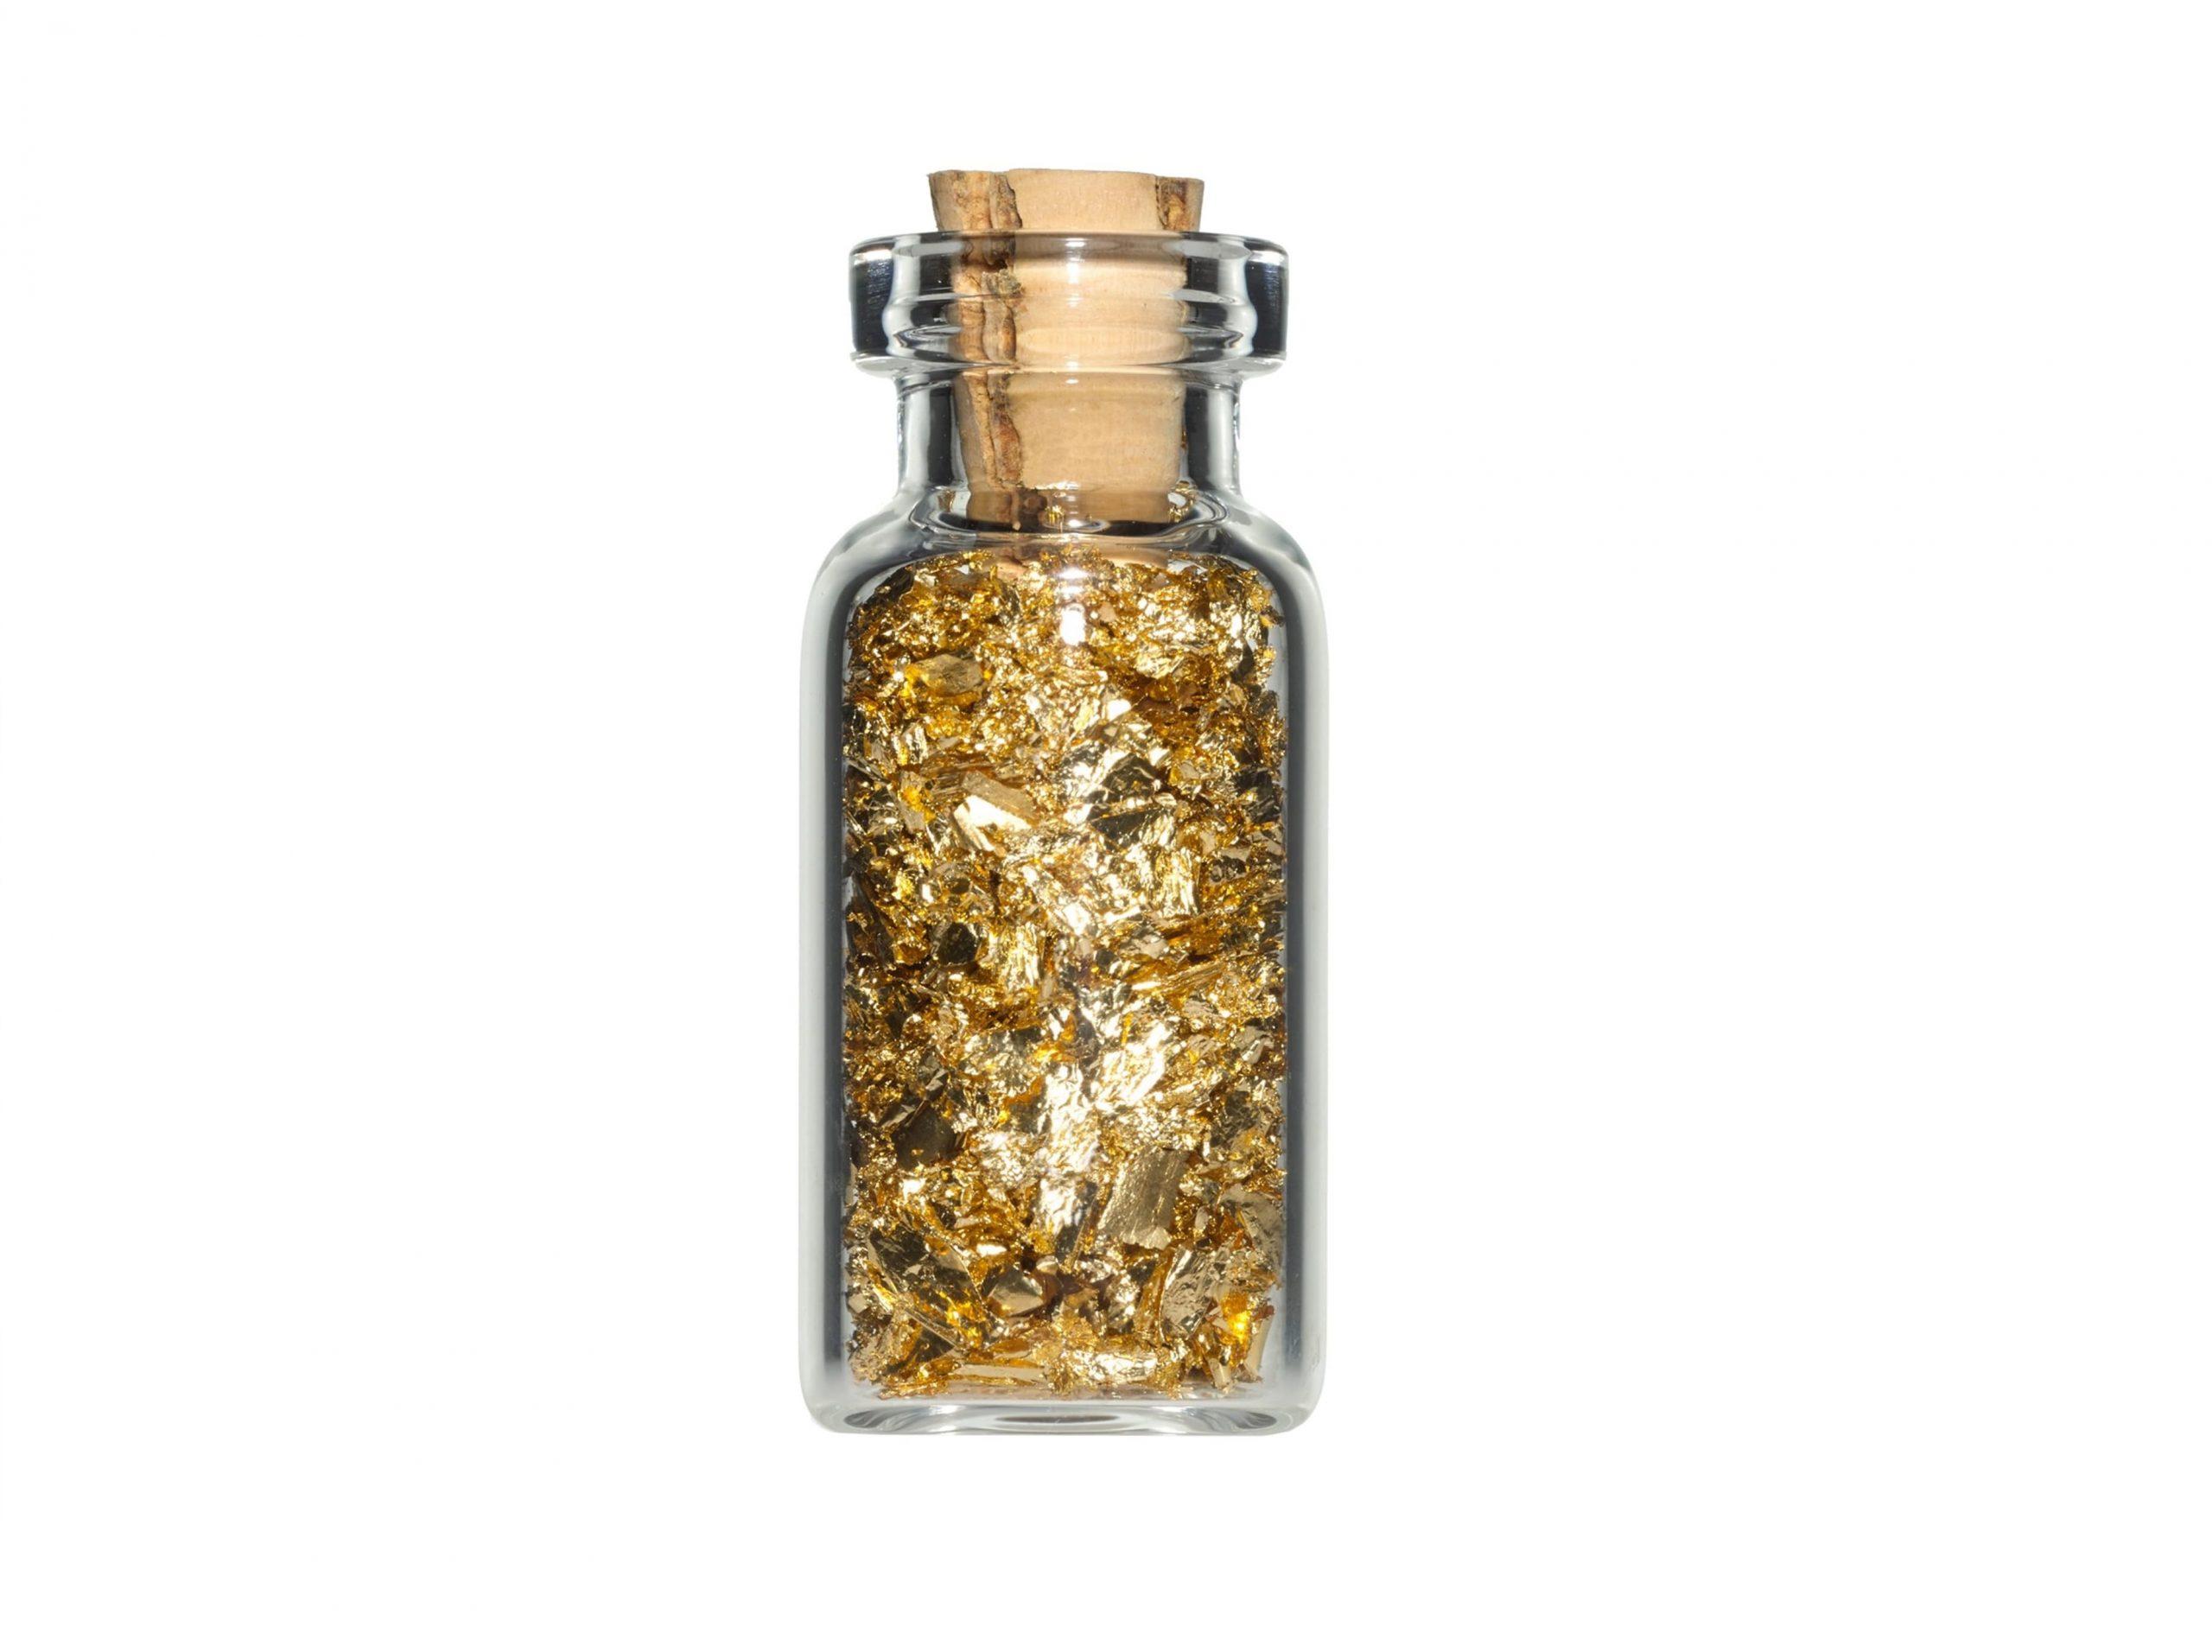 فوائد ماء الذهب الشفائية والأسطورية